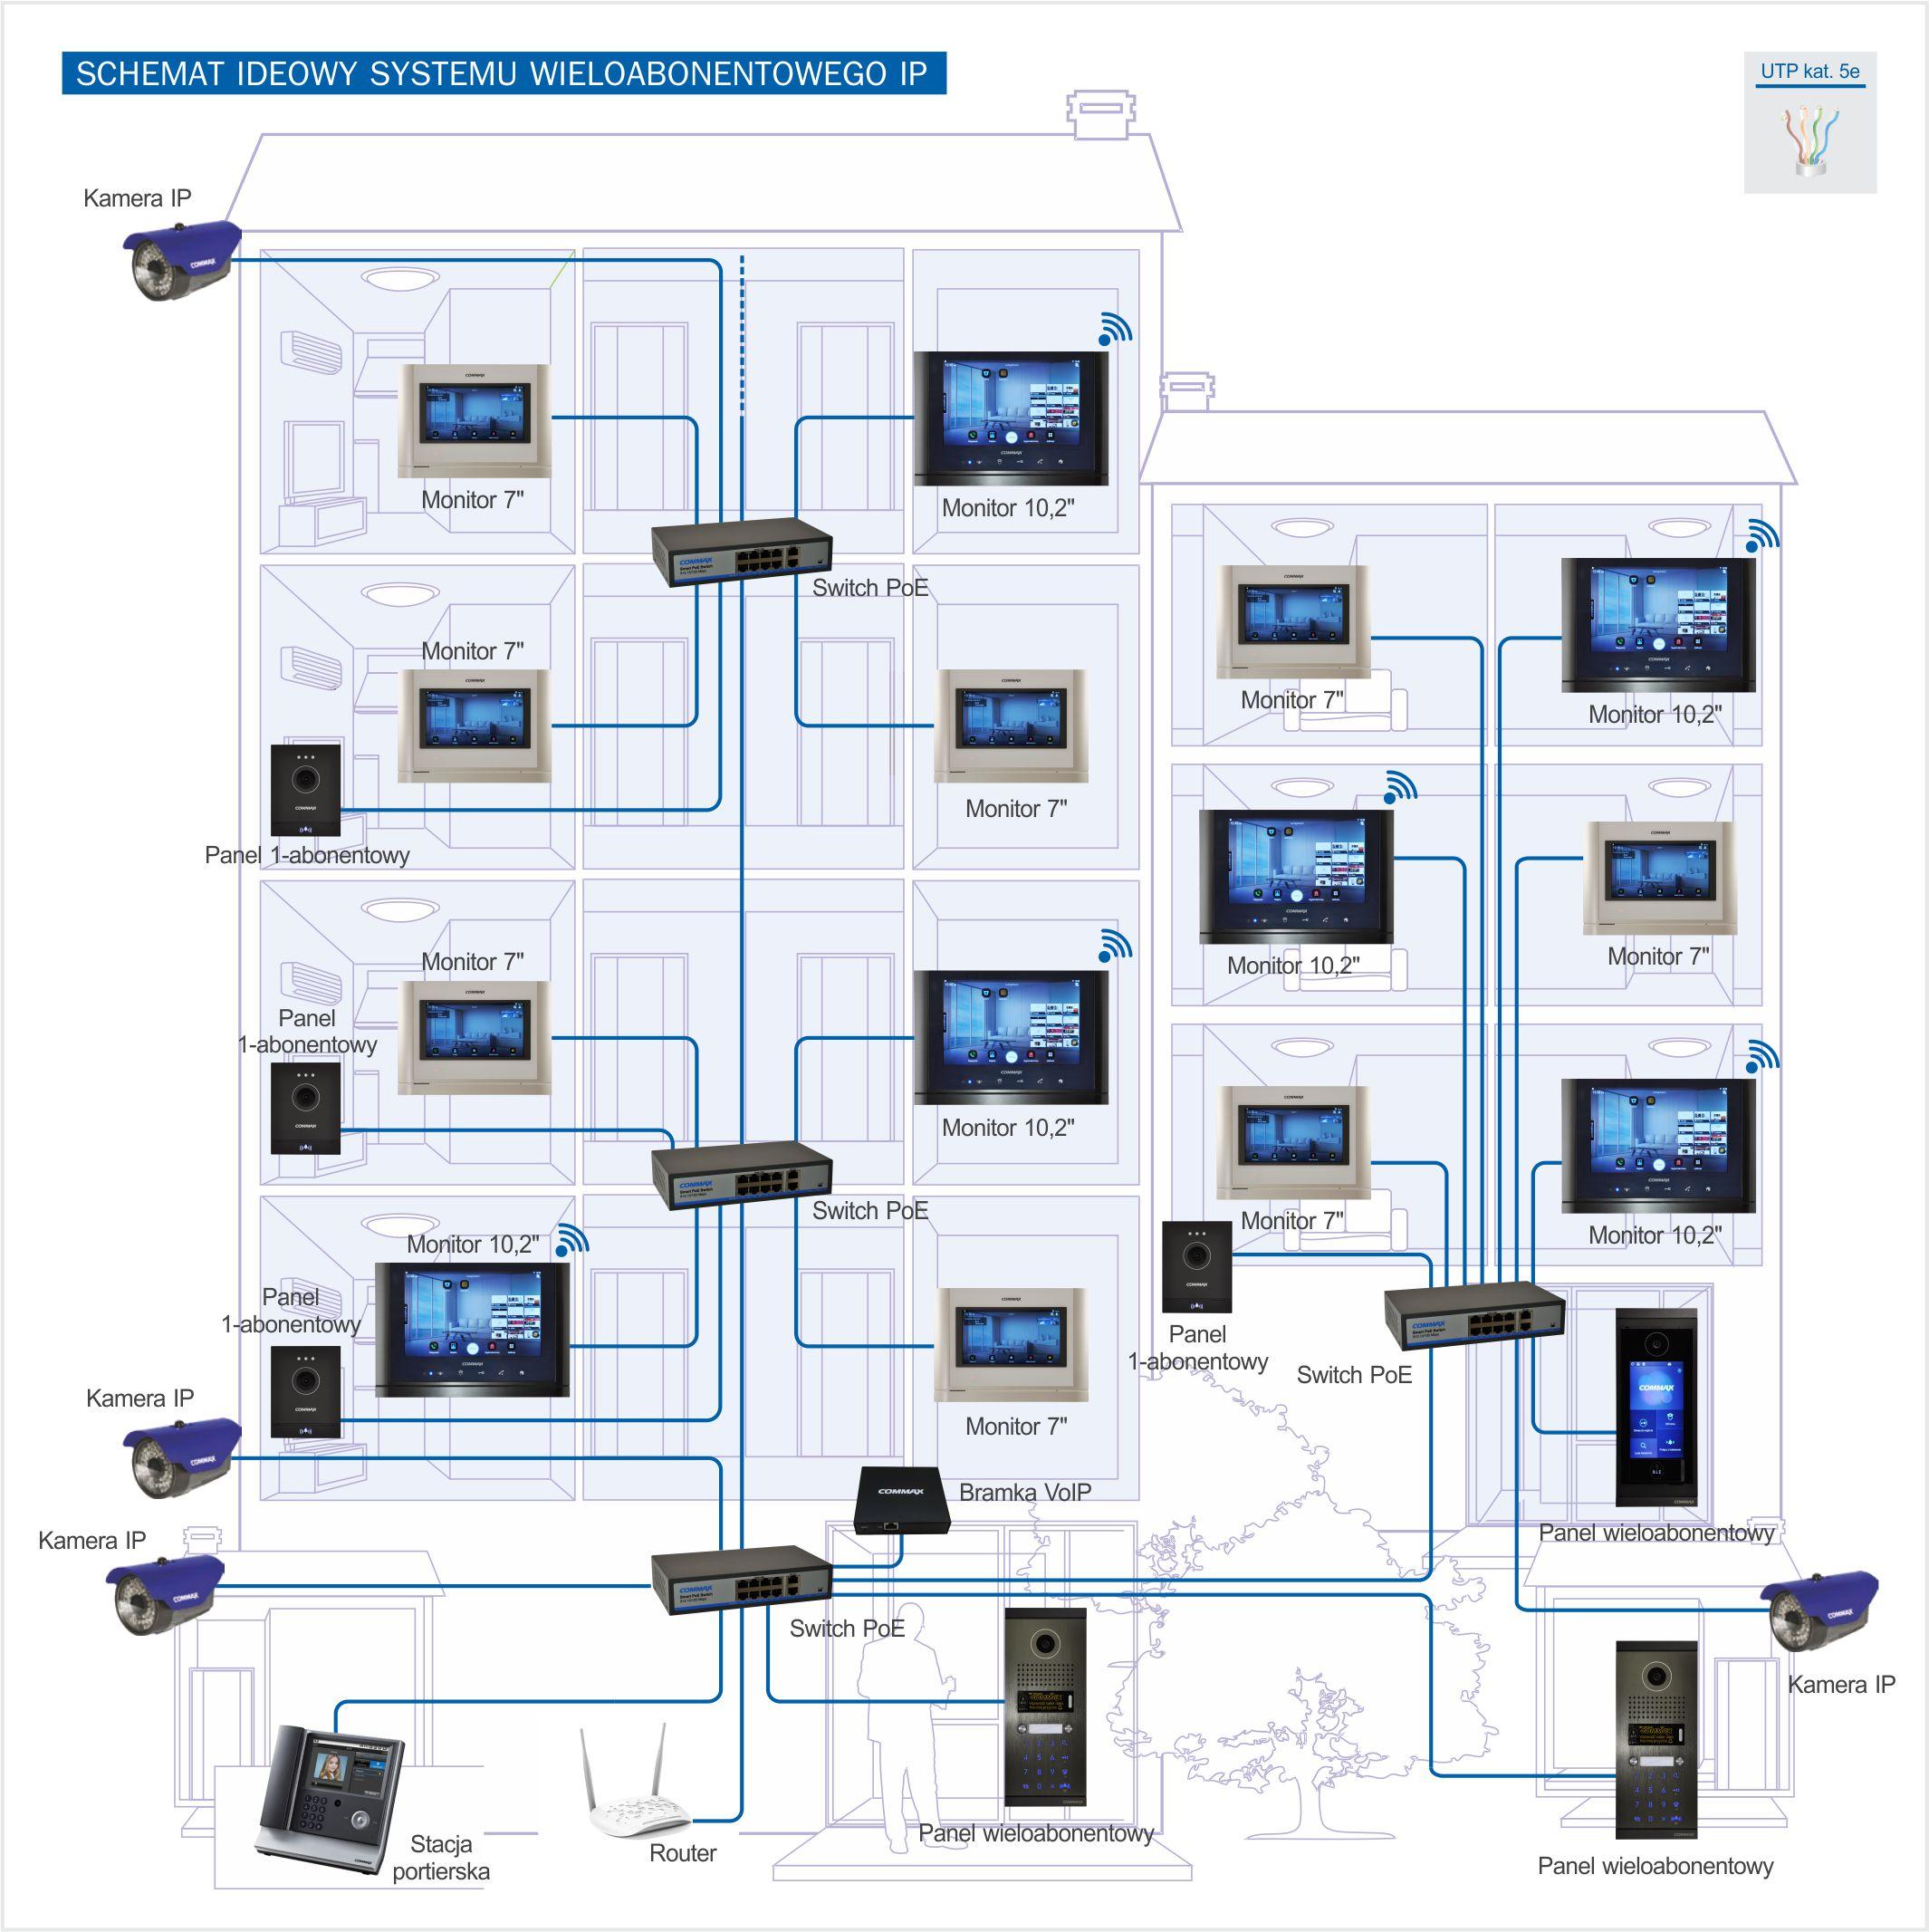 Schemat ideowy systemu wieloabonamentowego z wykorzystaniem CIOT-1020M